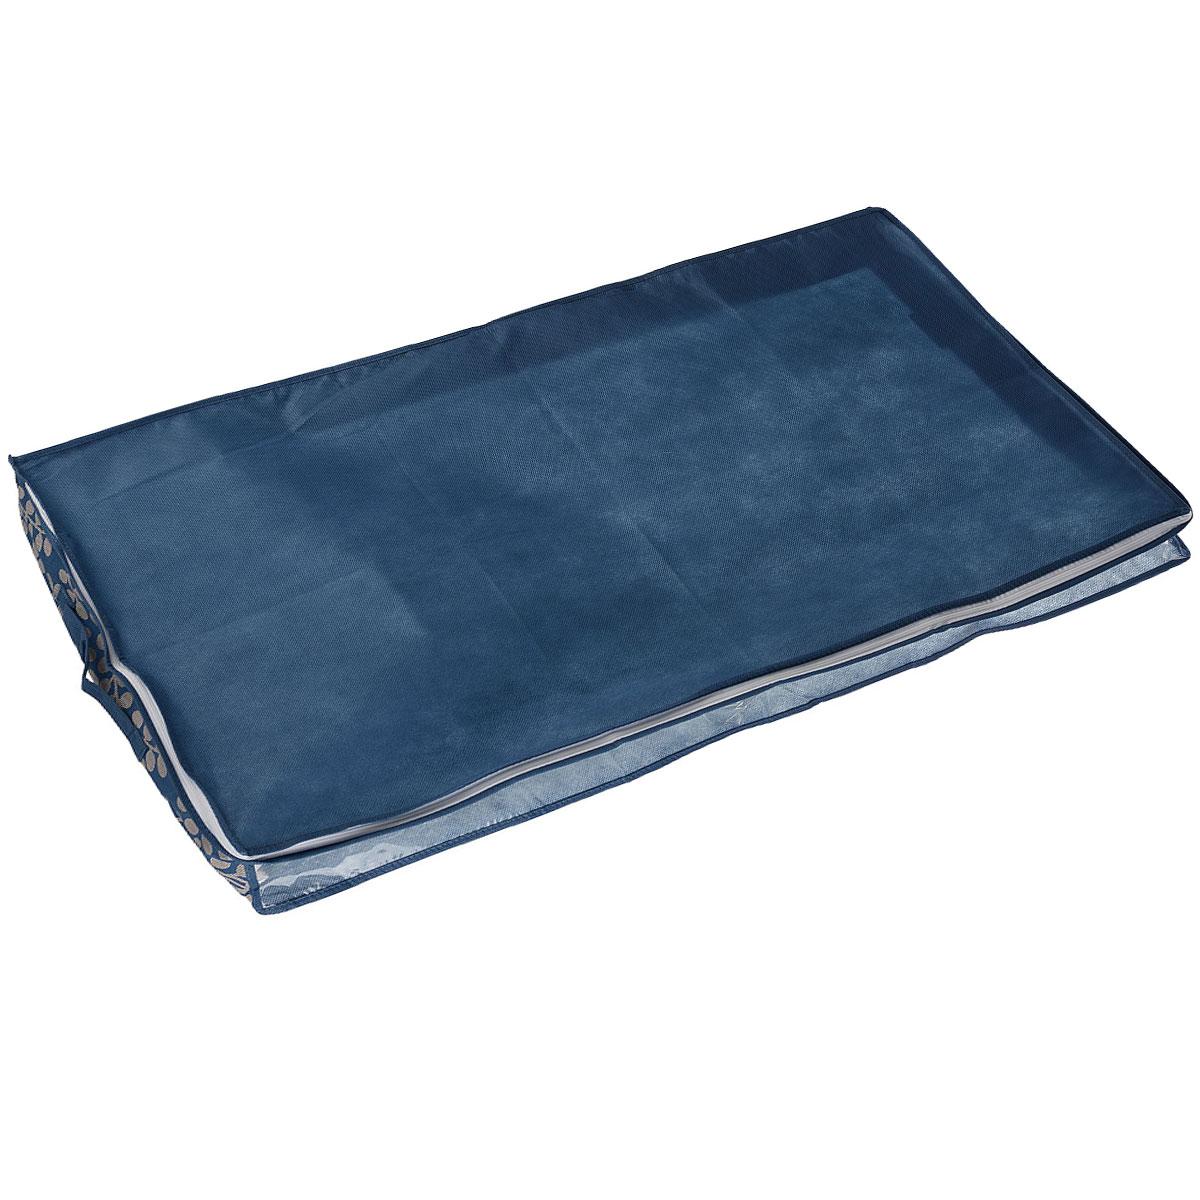 Чехол под кровать Cosatto Флораль, цвет: голубой, 100 см х 50 см х 15 см недорогие магазины одежды в нижнем новгороде